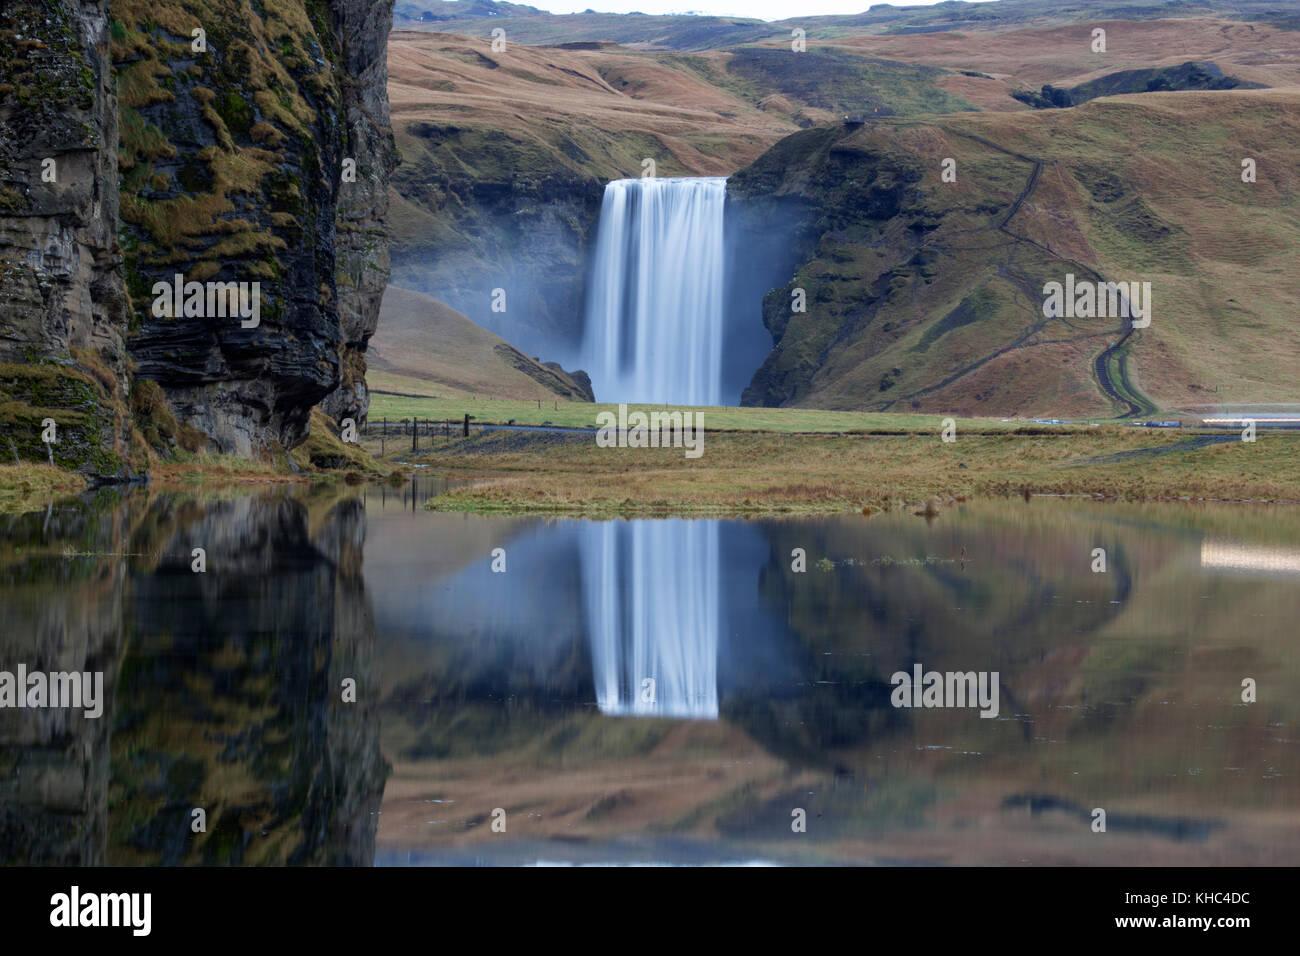 Wasserfall skógafoss an der Südküste Islands Stockbild